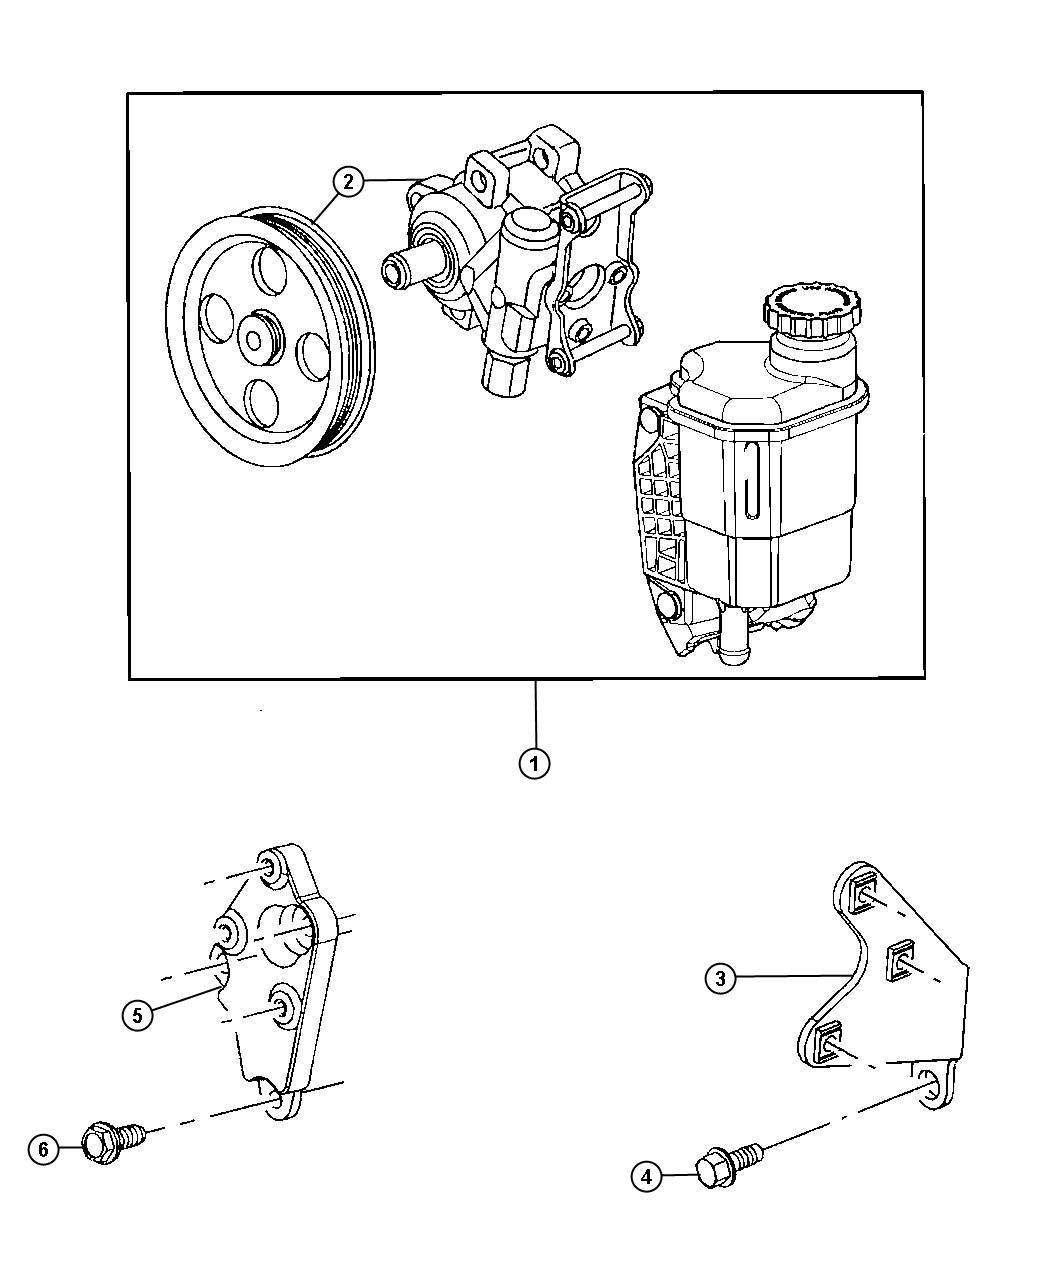 Dodge Ram 5500 6.7L Cummins Turbo Diesel, 6-Speed Manual